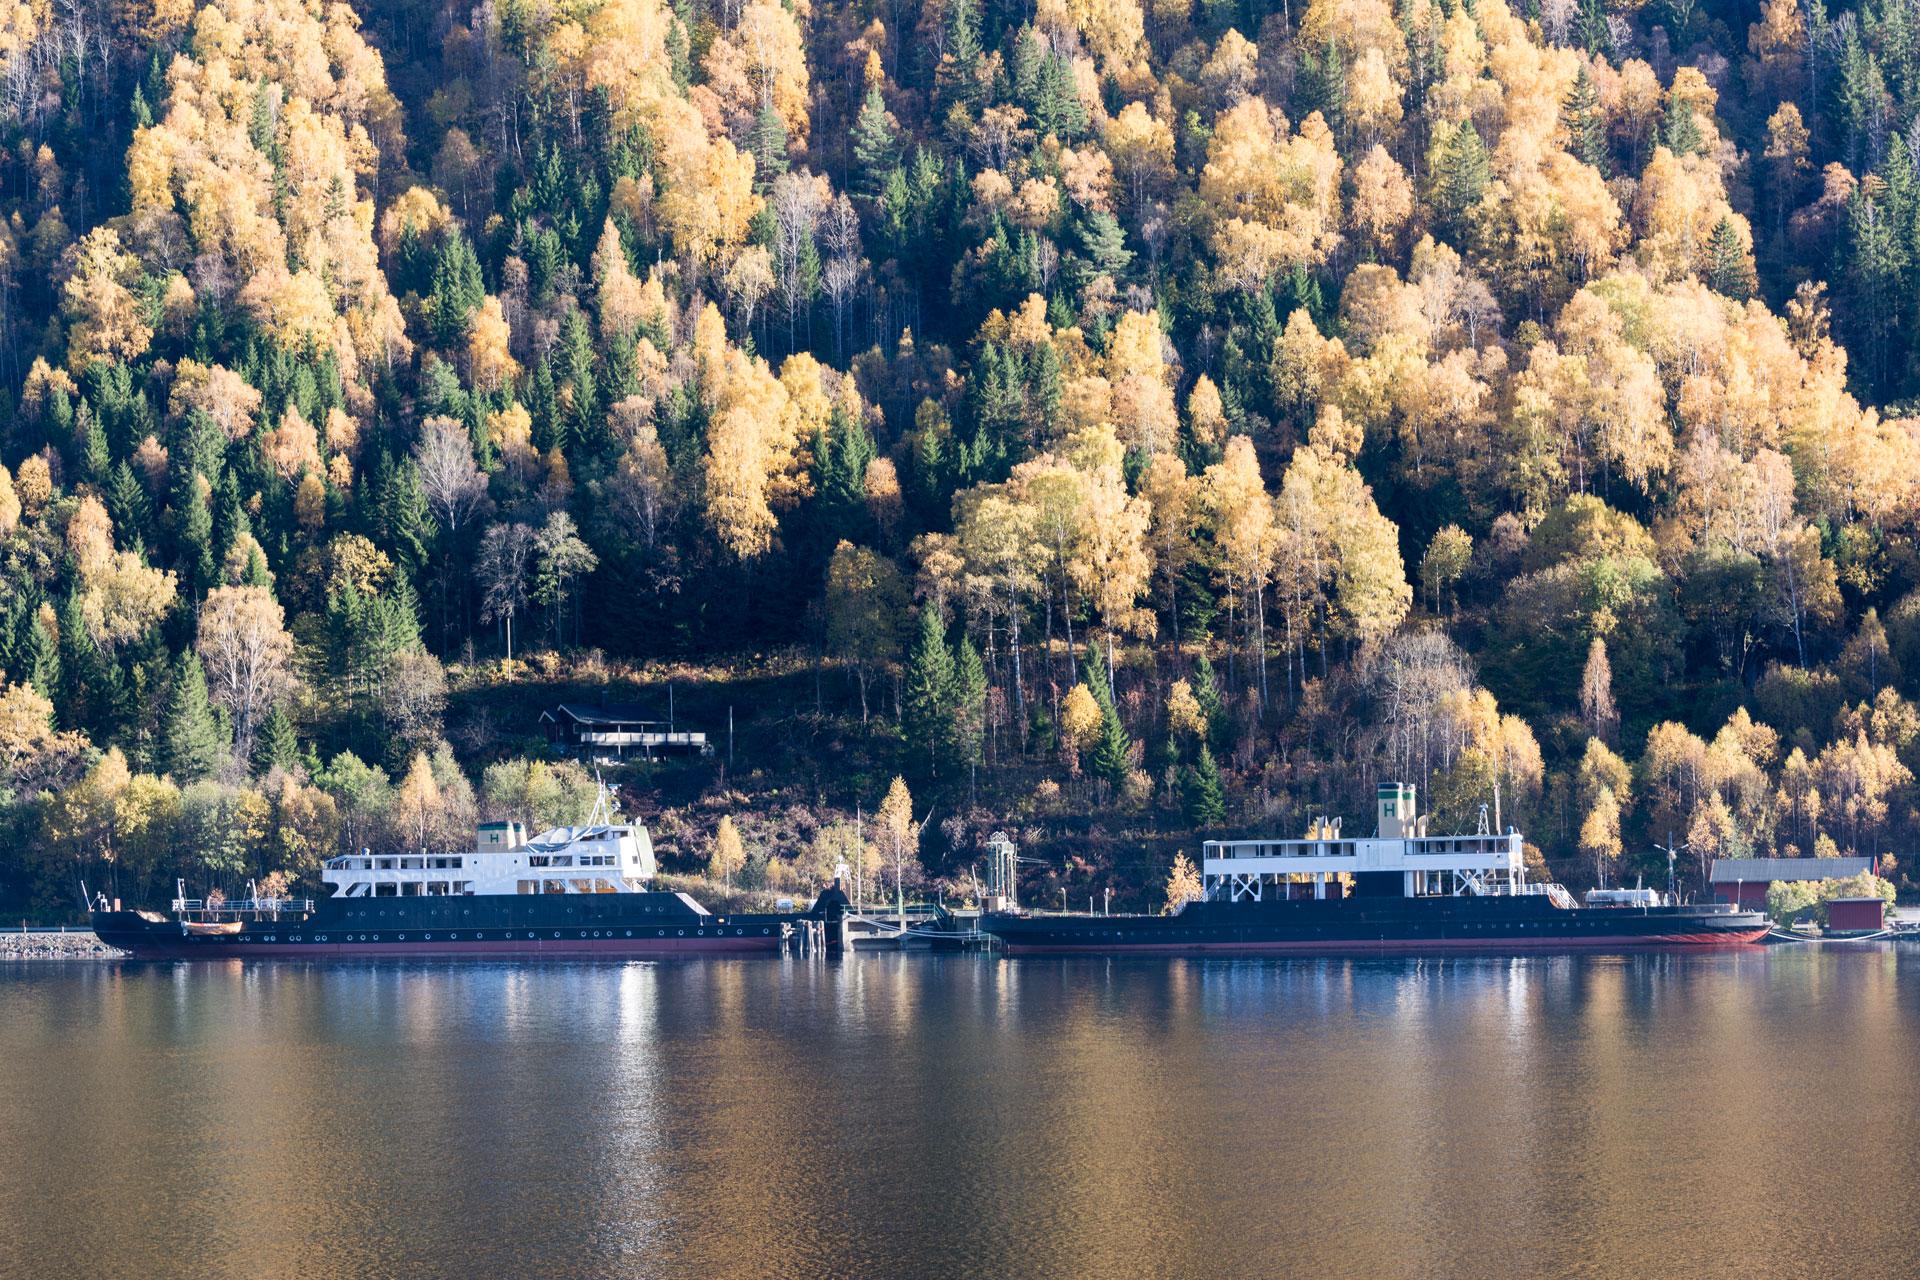 """Fergene M/F """"Storegut """" og D/F """"Ammonia """" inngår i transportsystemet mellom Rjukan og Notodden som består av Tinnosbanen fergene på Tinnsjøen og Rjukanbanen. Foto: Per Berntsen©Riksantikvaren"""